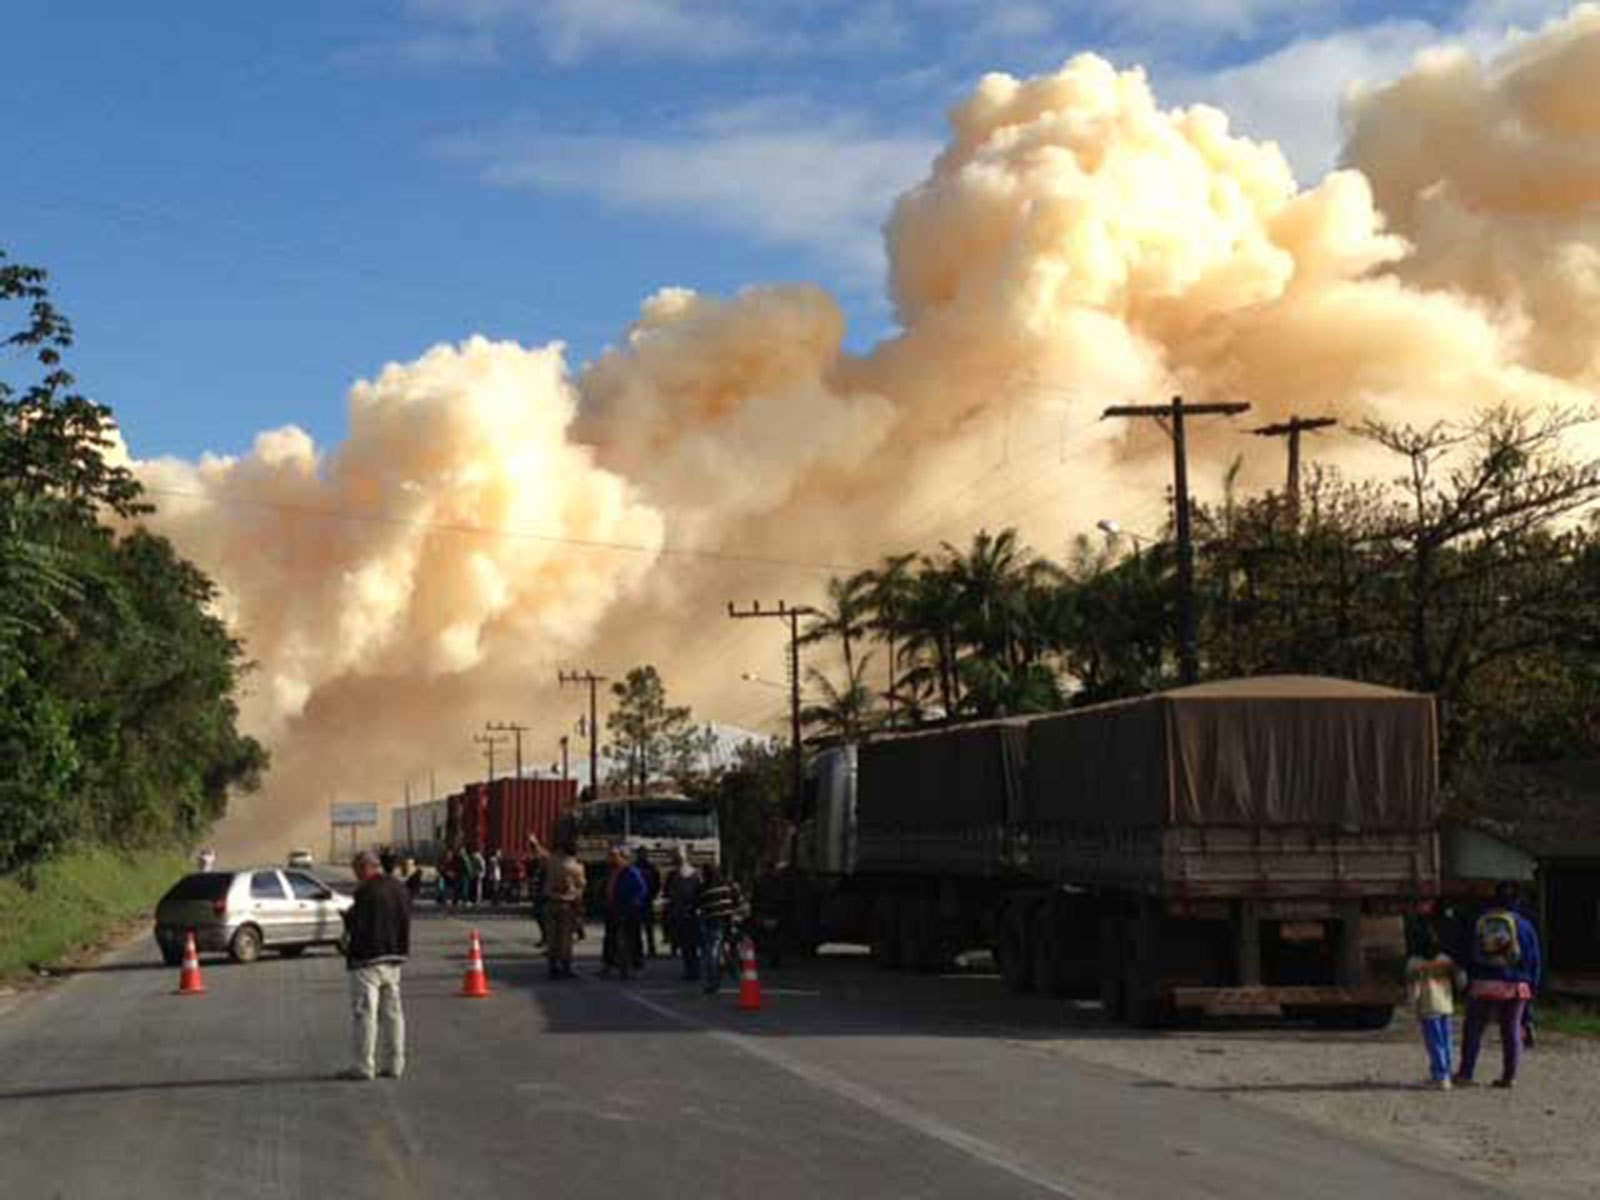 Acidente ambiental em São Francisco do Sul (1): Falta de ações compartilhadas, metropolitanas